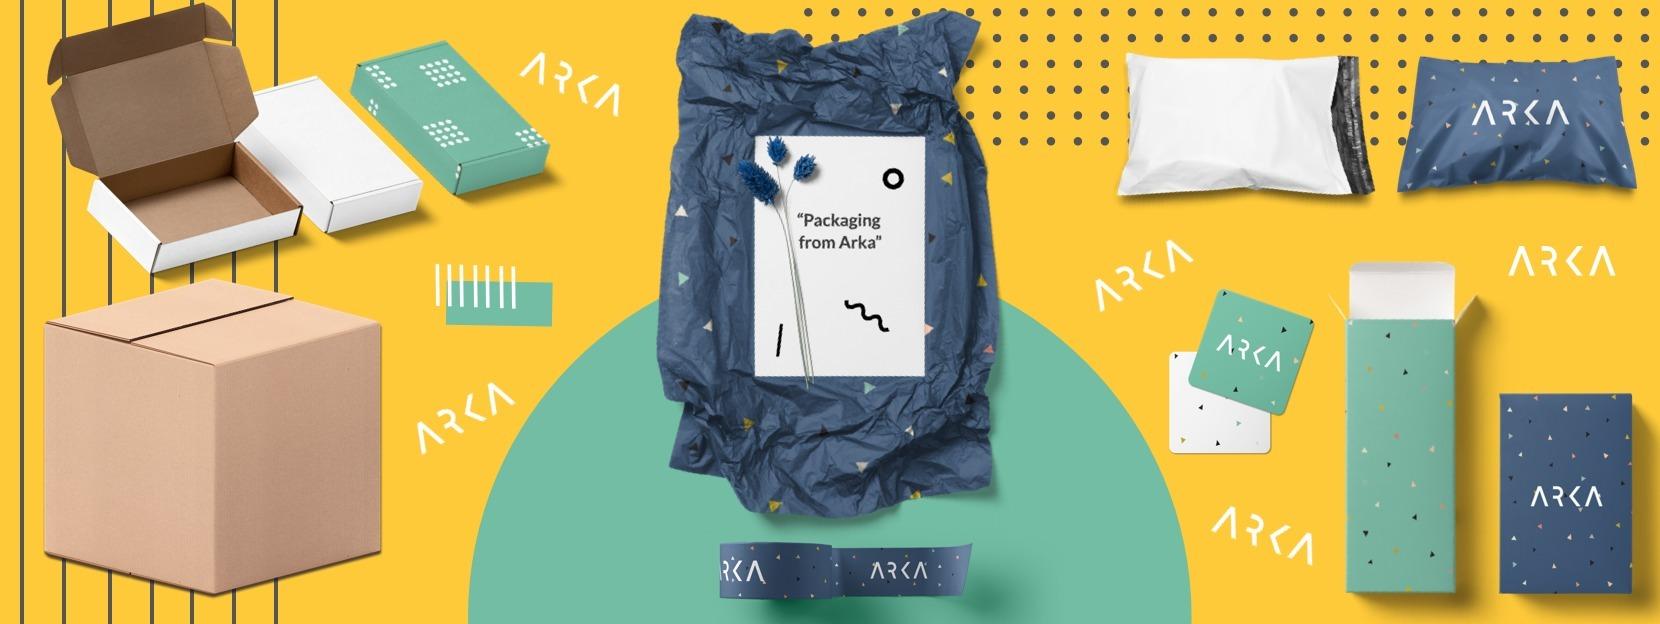 ArkaPackaging (@arkapackaging) Cover Image